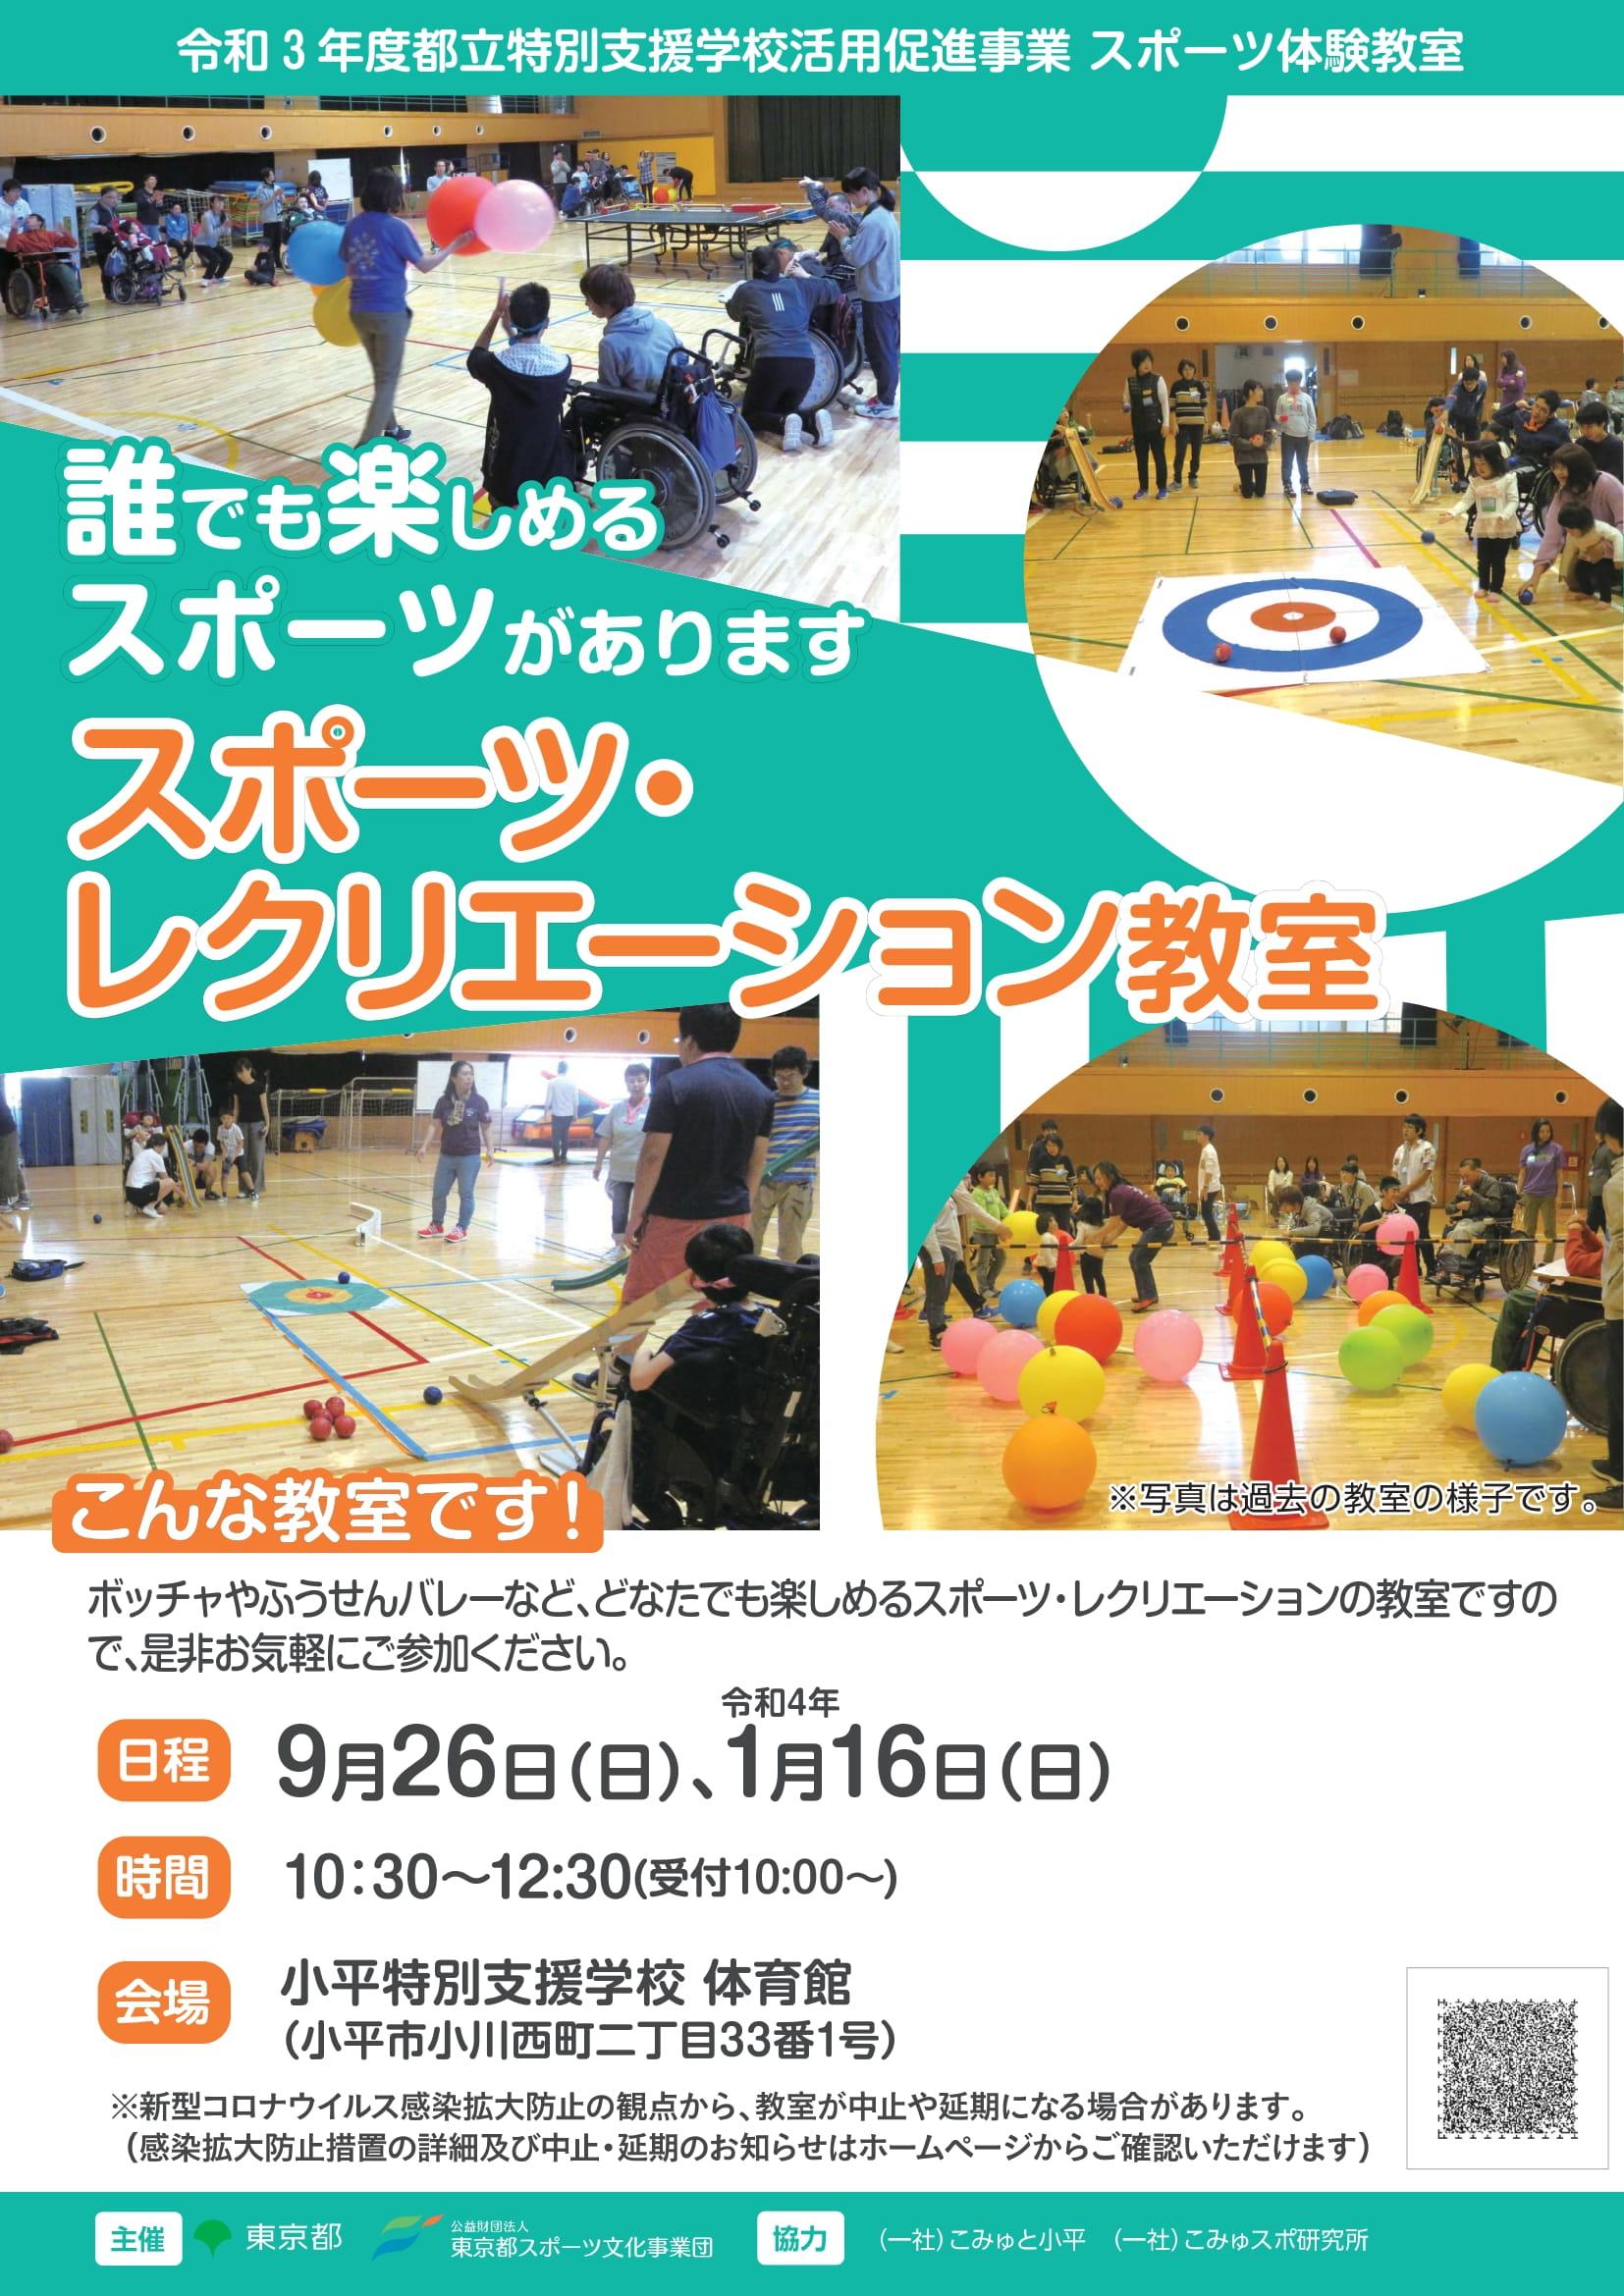 スポーツ・レクリエーション教室【小平】